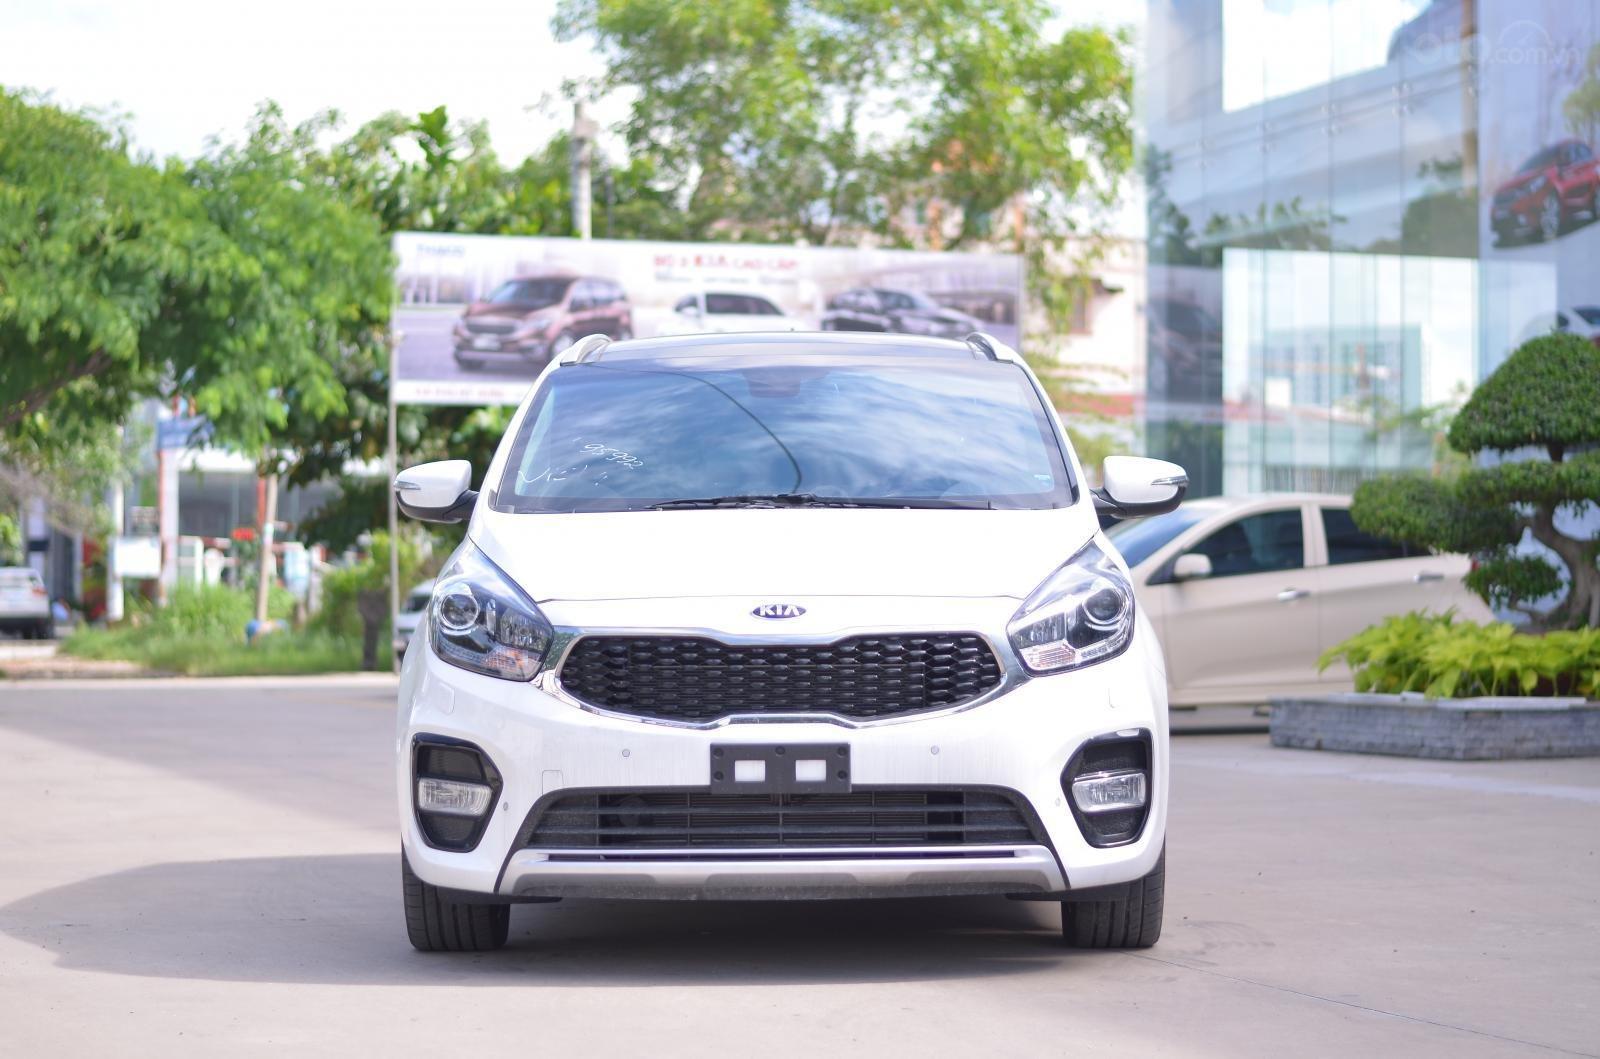 Bán Rondo 2019 - ưu đãi tốt nhất thị trường, gói bảo dưỡng xe, tặng bảo hiểm thân xe - ĐT: 0949820072-0